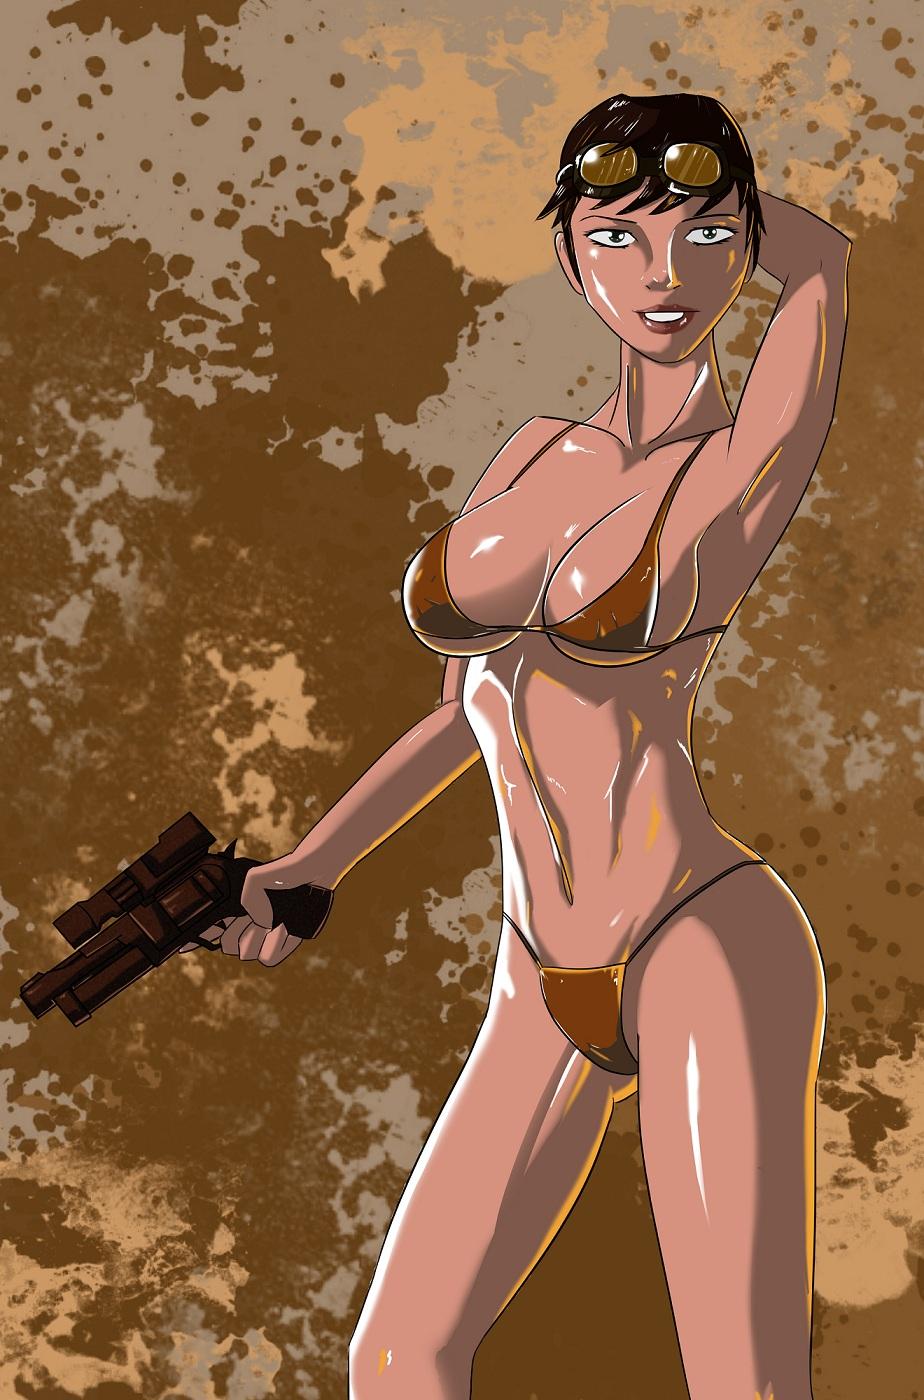 Moxxi porno fanfiction naked image